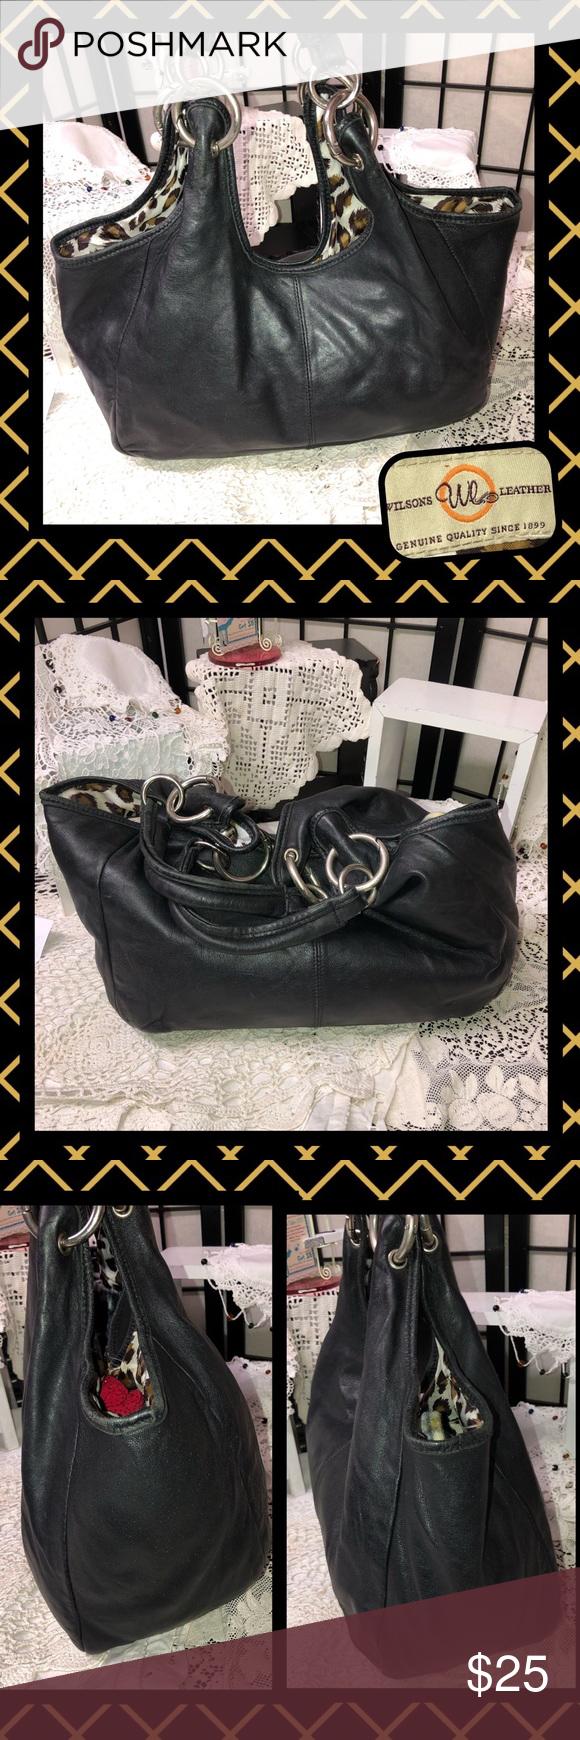 Wilsons Leather Silver Hardware Shoulder Bag USED